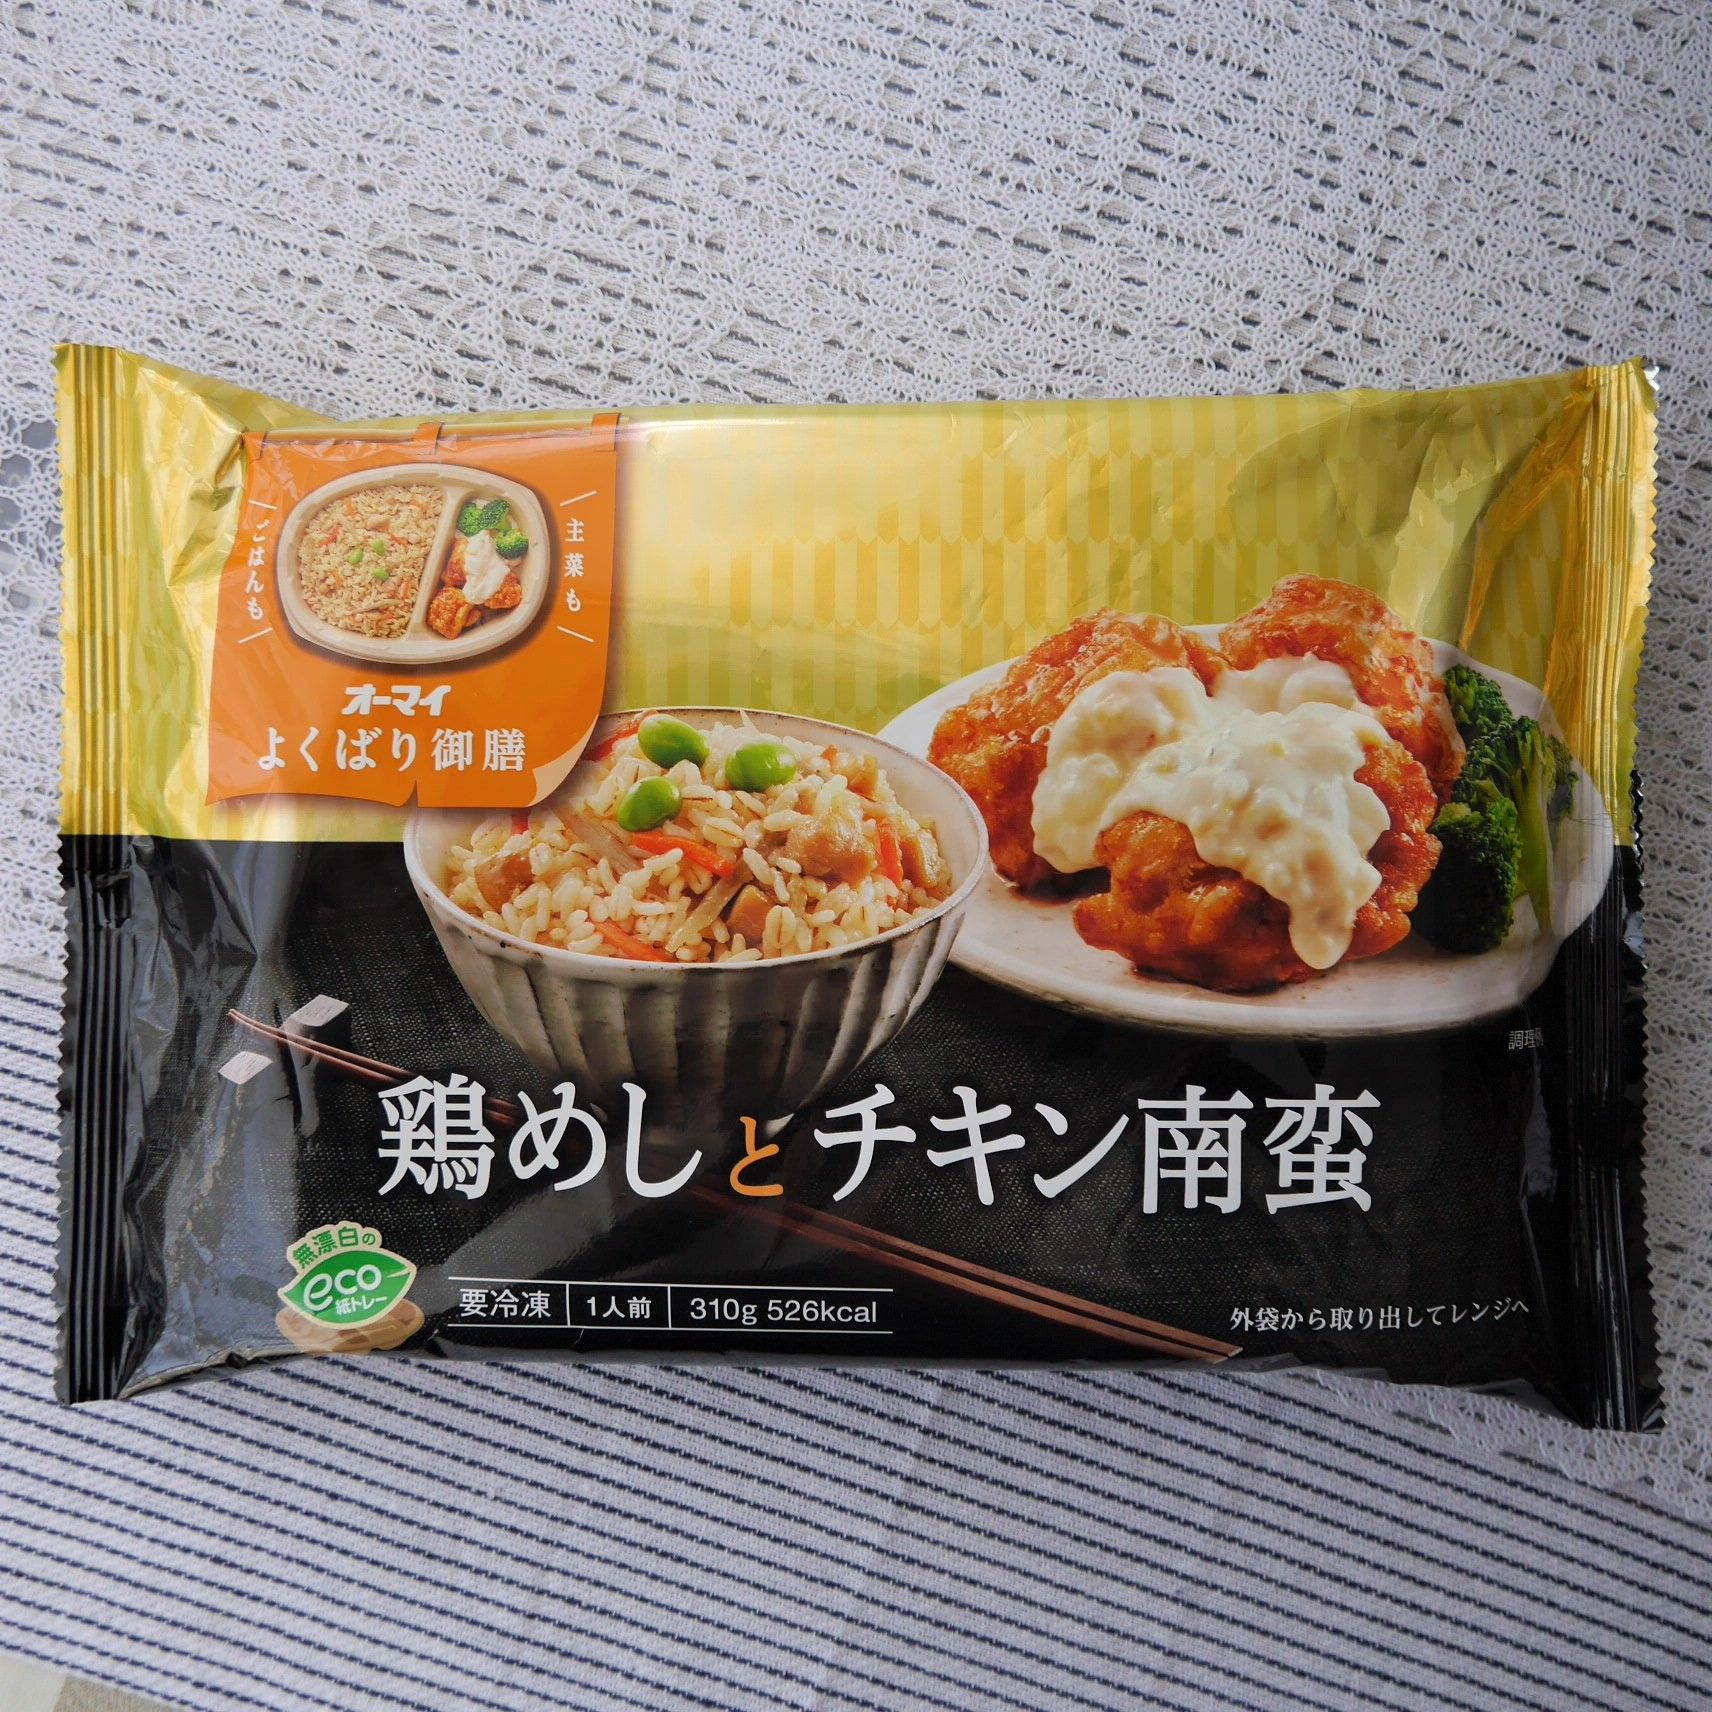 鶏めし_パッケージ